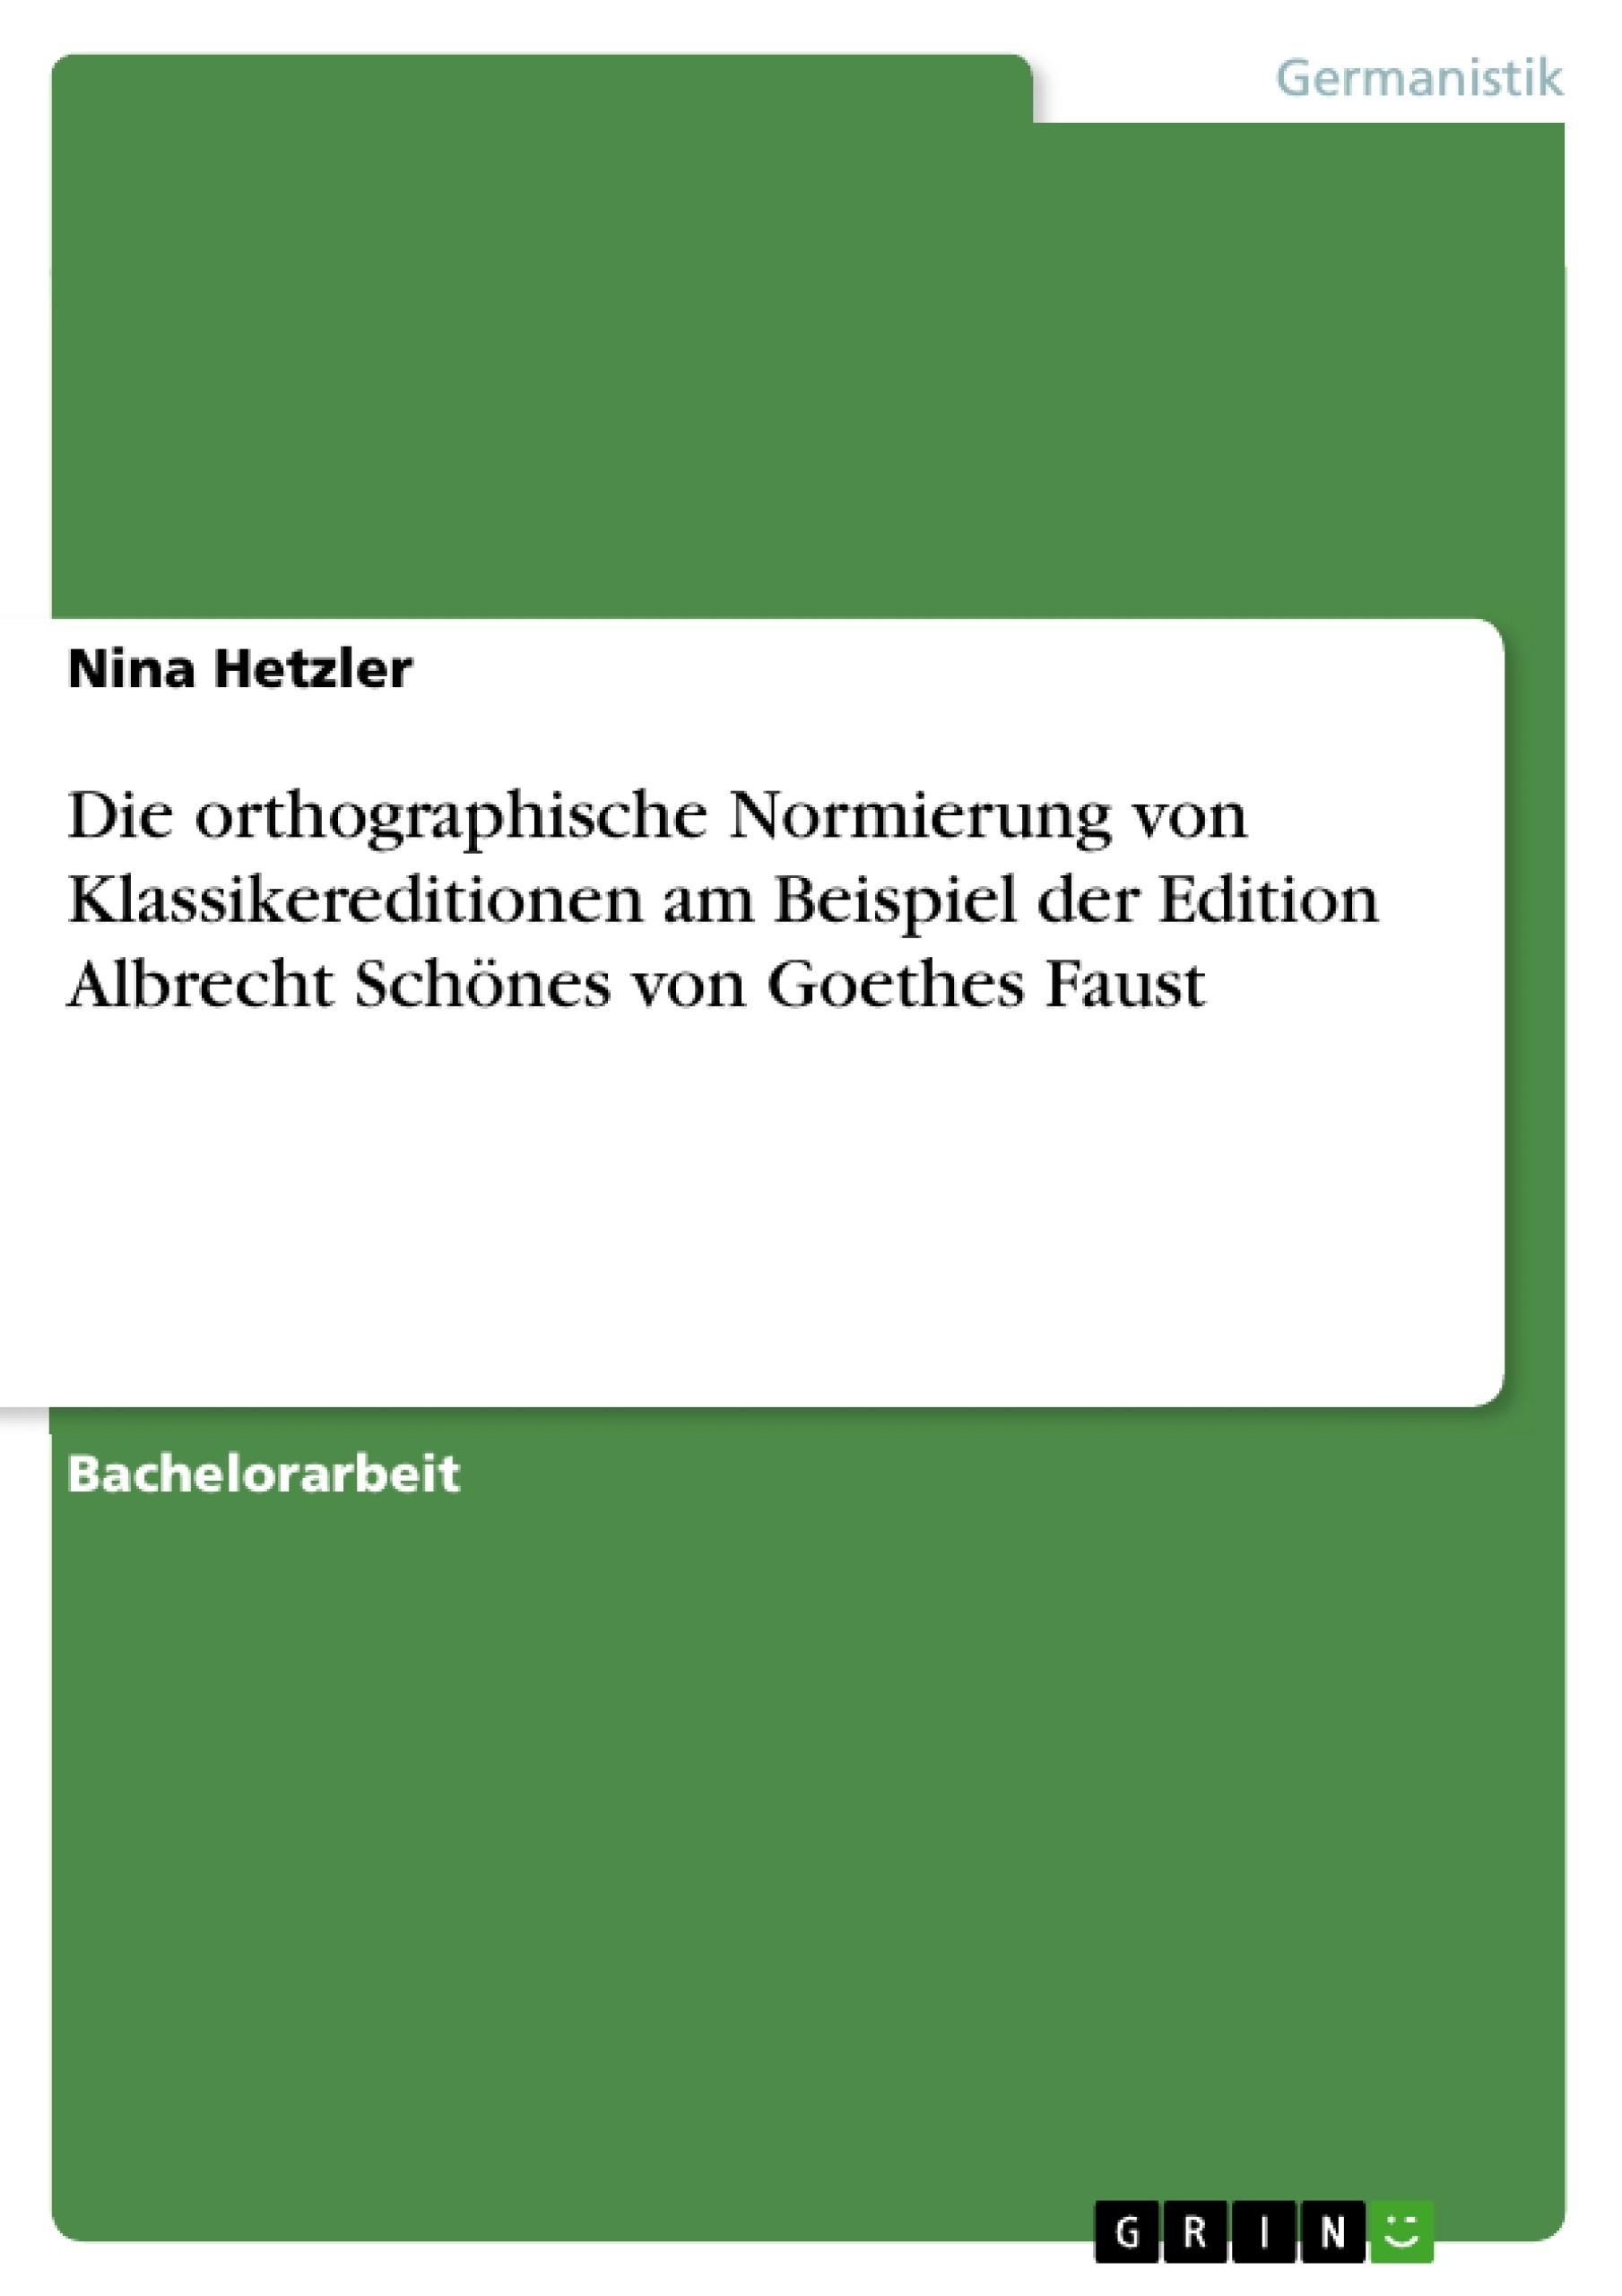 Titel: Die orthographische Normierung von Klassikereditionen am Beispiel der Edition Albrecht Schönes von Goethes Faust